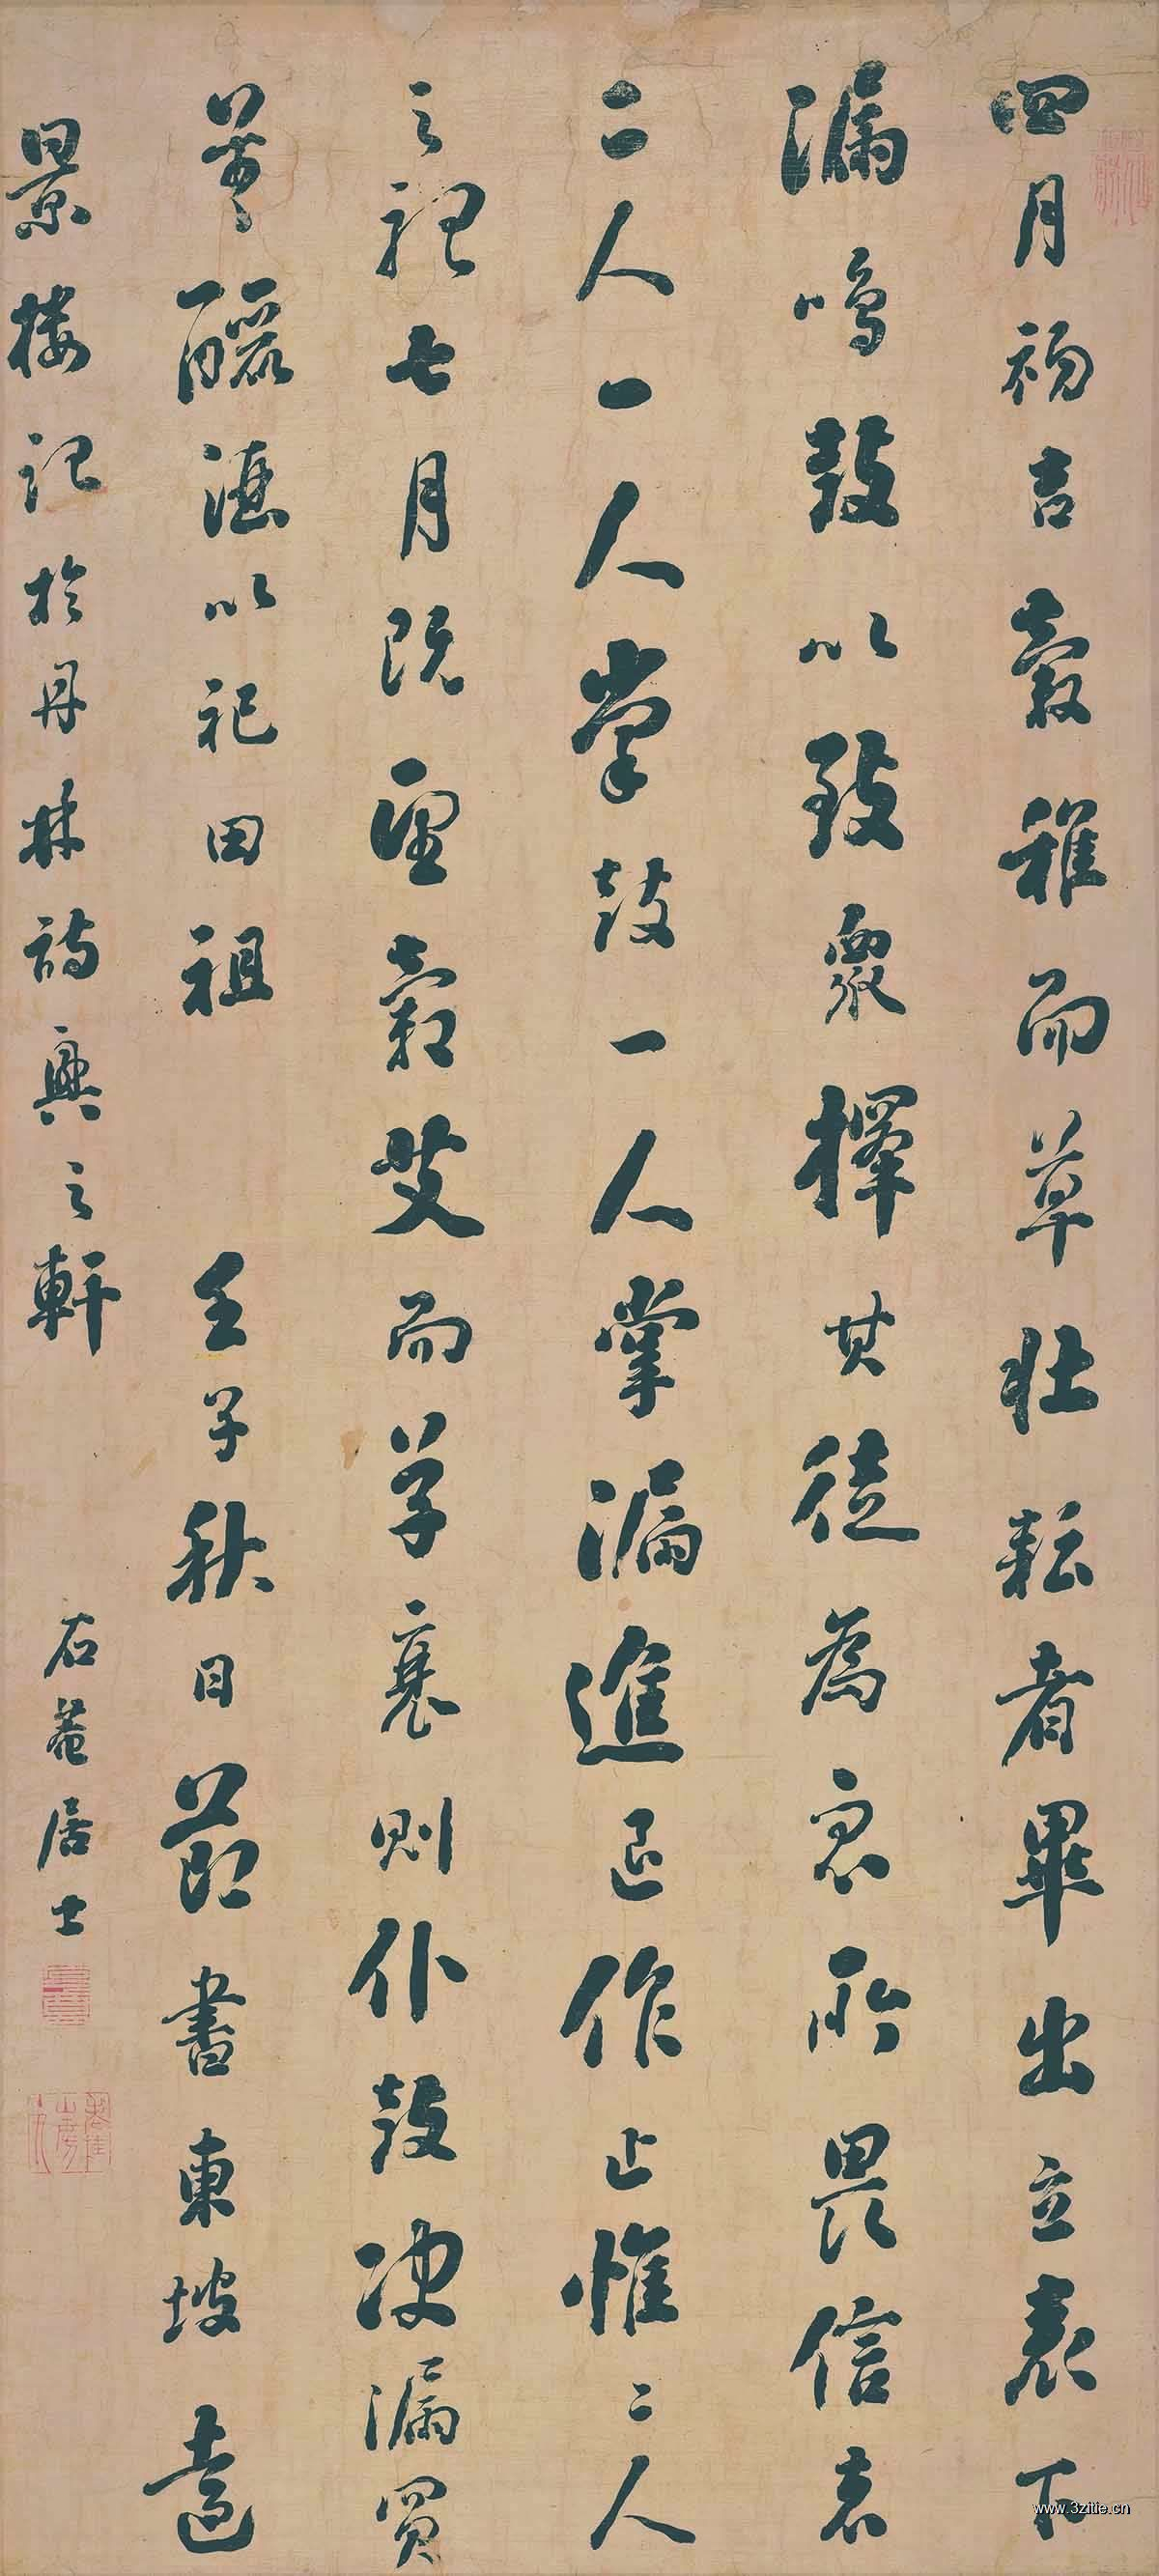 辽135-清 刘墉 节书远景楼记